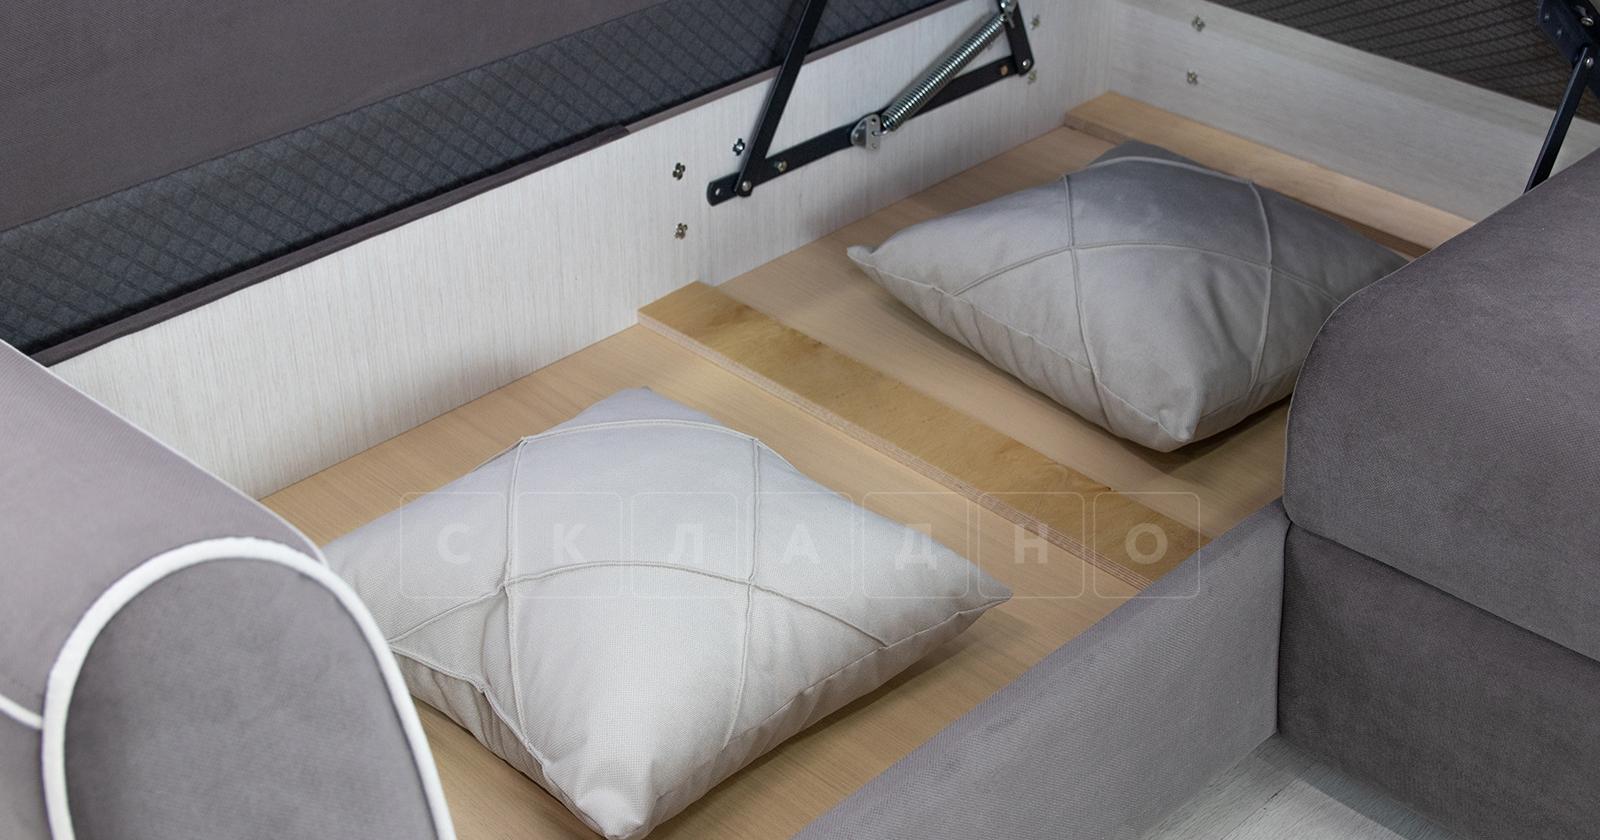 Диван-кровать угловой Флэтфорд шоколад фото 17 | интернет-магазин Складно